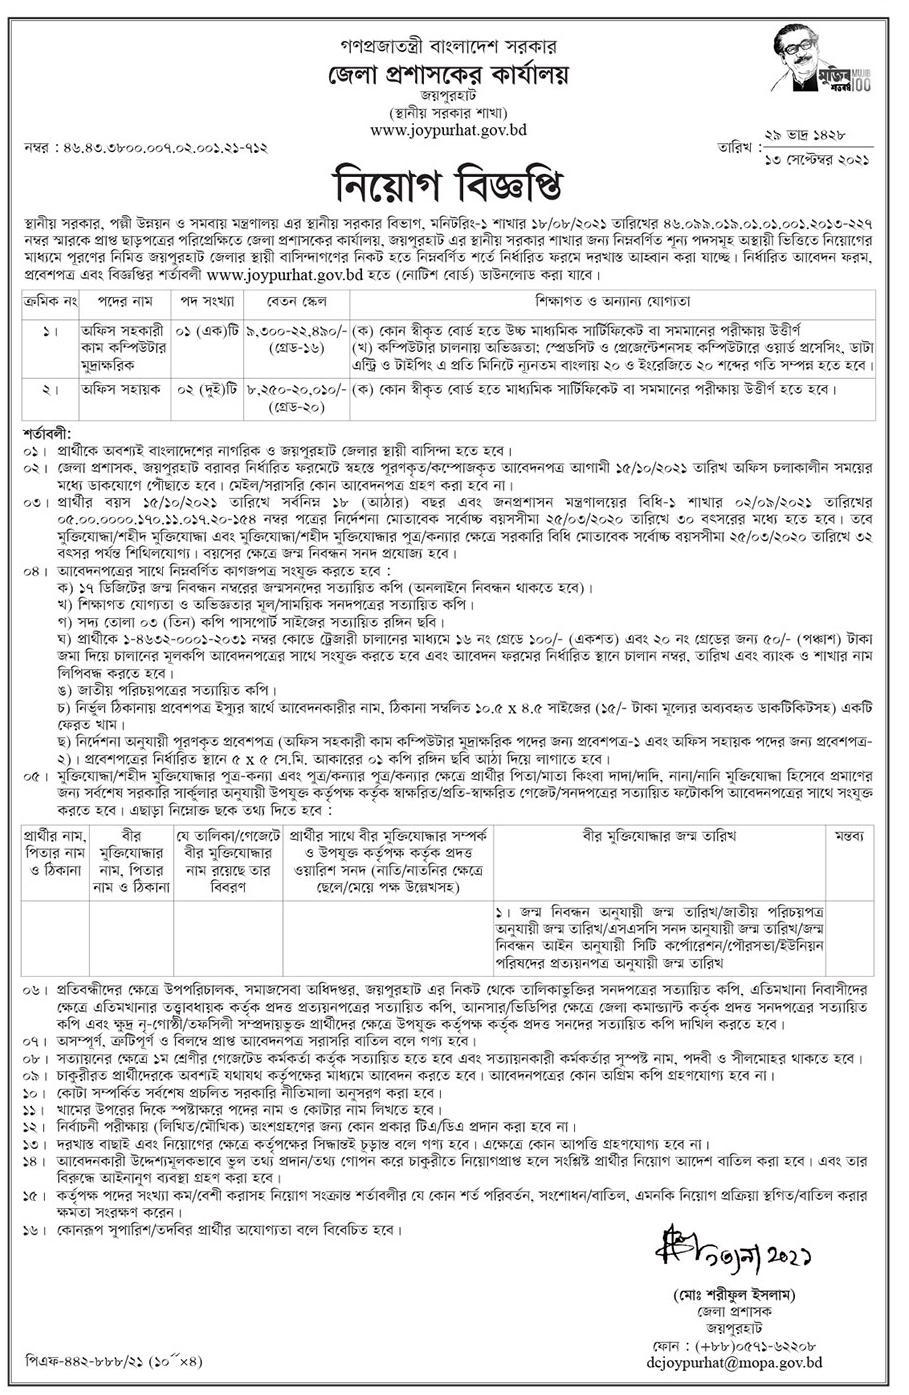 জয়পুরহাট জেলা প্রশাসকের কার্যালয় নিয়োগ বিজ্ঞপ্তি ২০২১